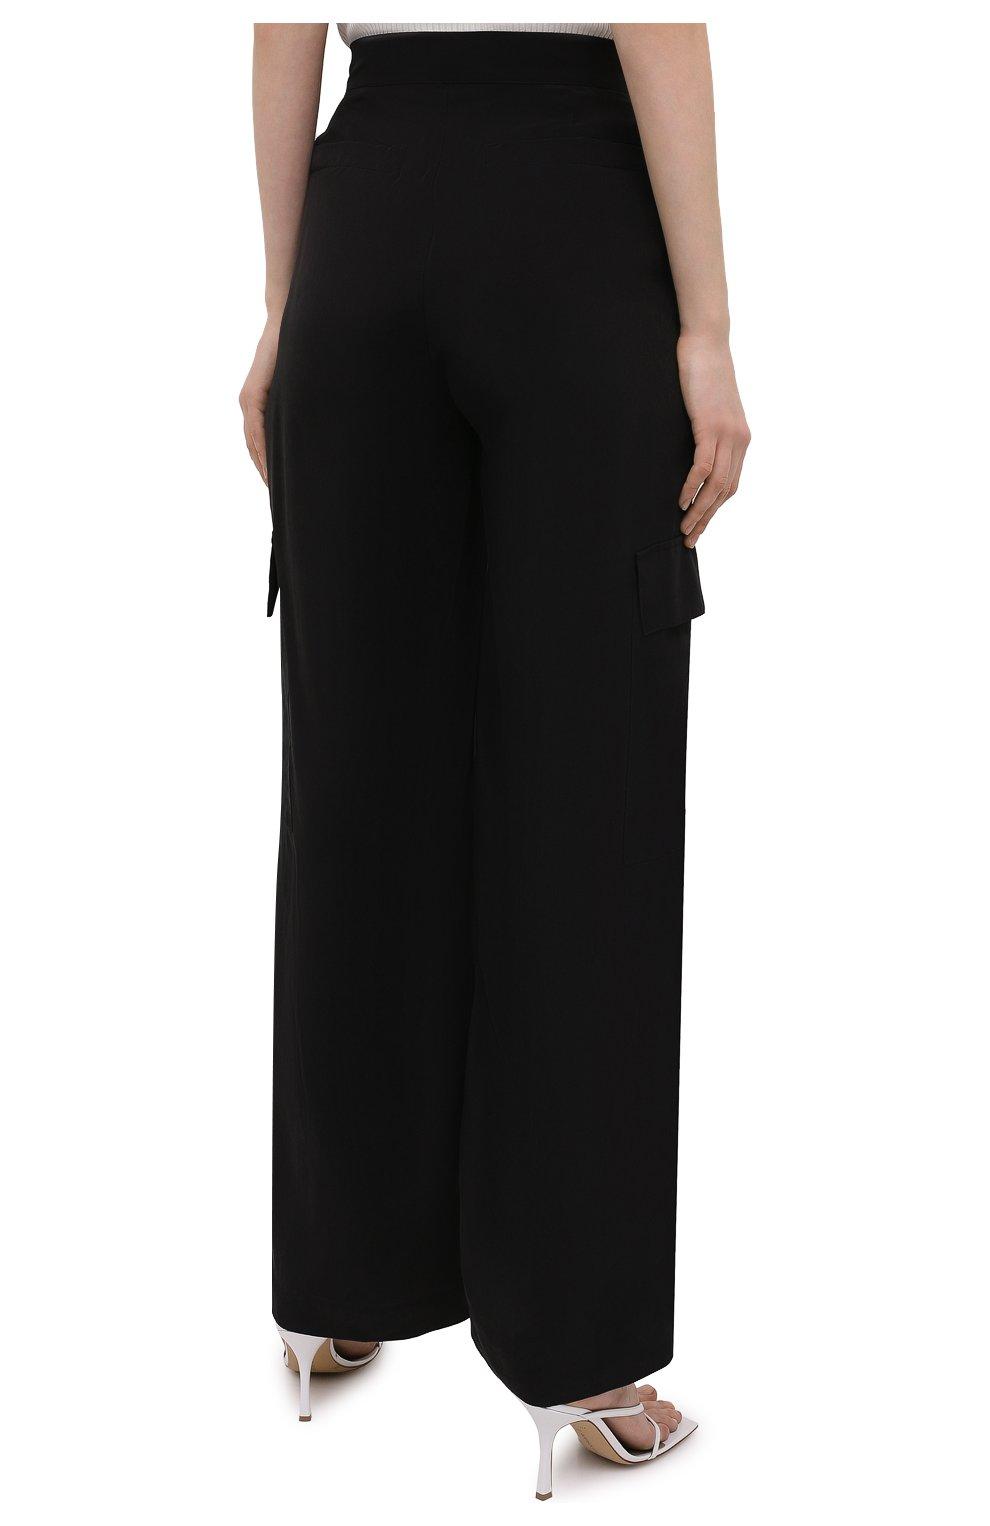 Женские брюки из вискозы 5PREVIEW черного цвета, арт. 5PW21103 | Фото 4 (Материал внешний: Купро, Вискоза; Длина (брюки, джинсы): Стандартные; Женское Кросс-КТ: Брюки-одежда; Силуэт Ж (брюки и джинсы): Прямые; Стили: Кэжуэл)